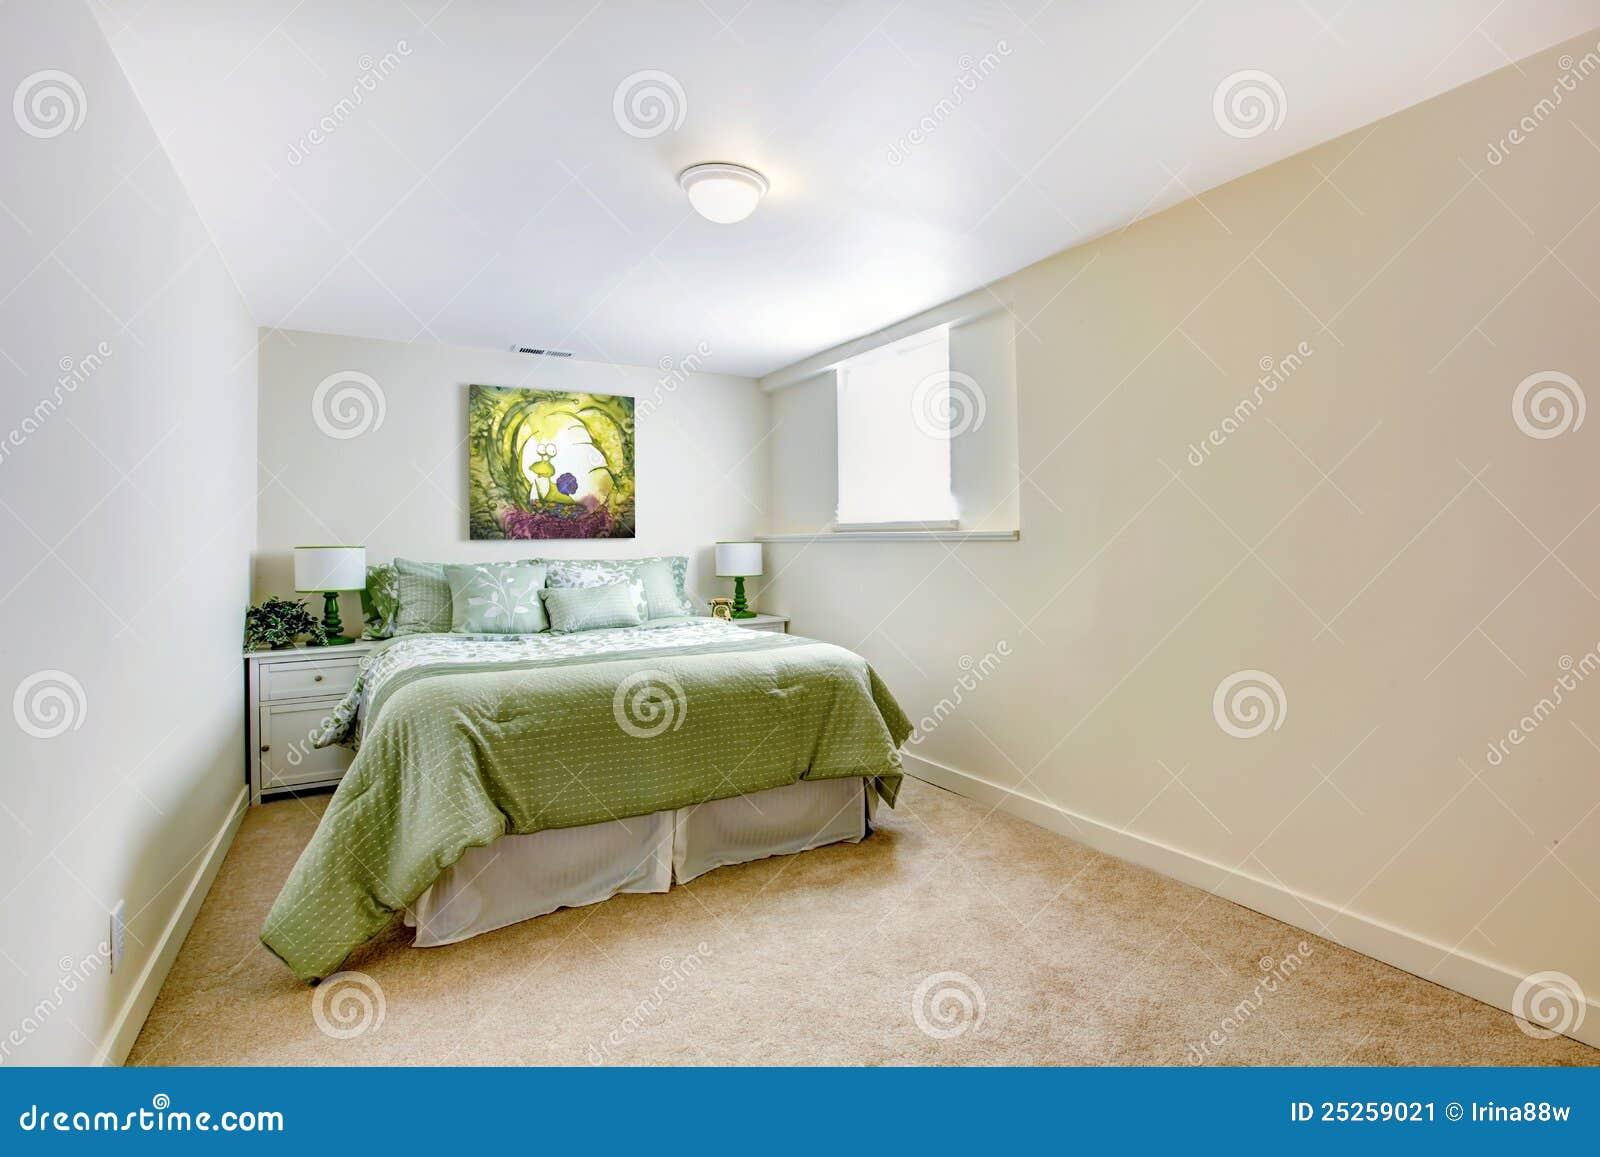 Grande Chambre à Coucher Blanche Avec Le Bâti Vert Et L\'art. Image ...